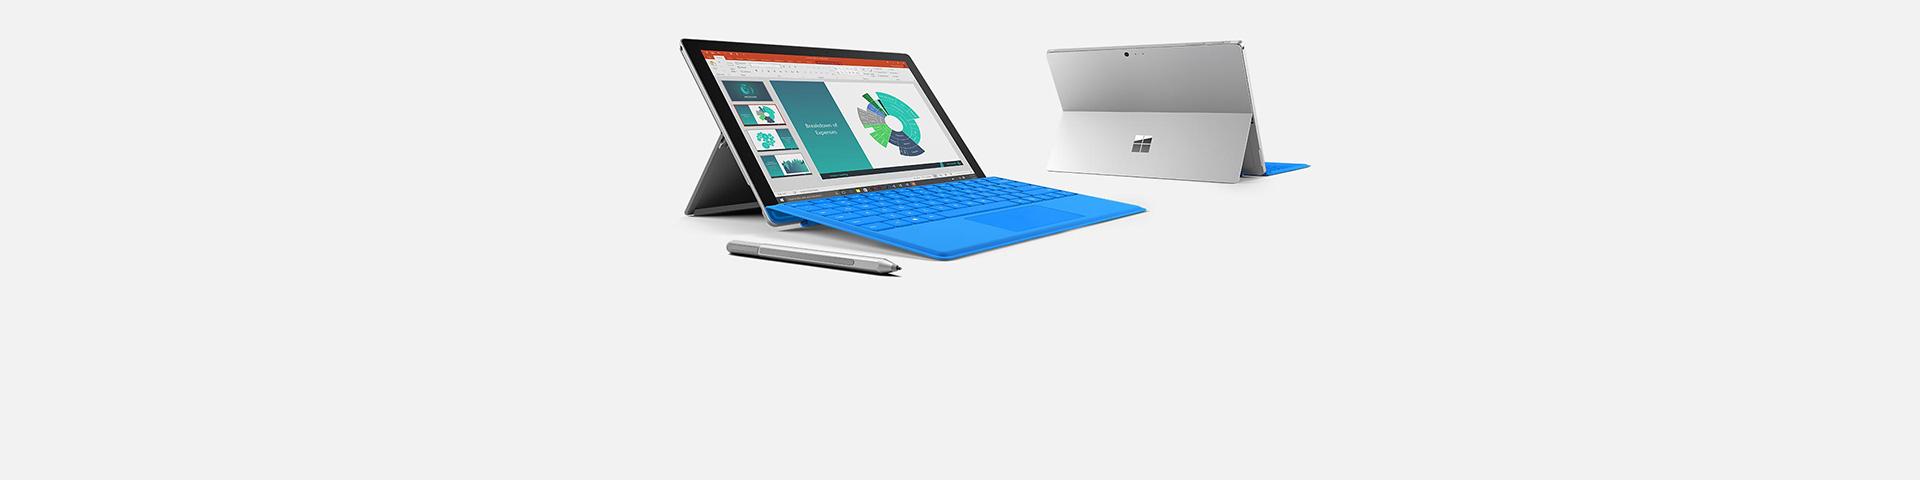 Maak kennis met de Surface Pro 4-apparaten